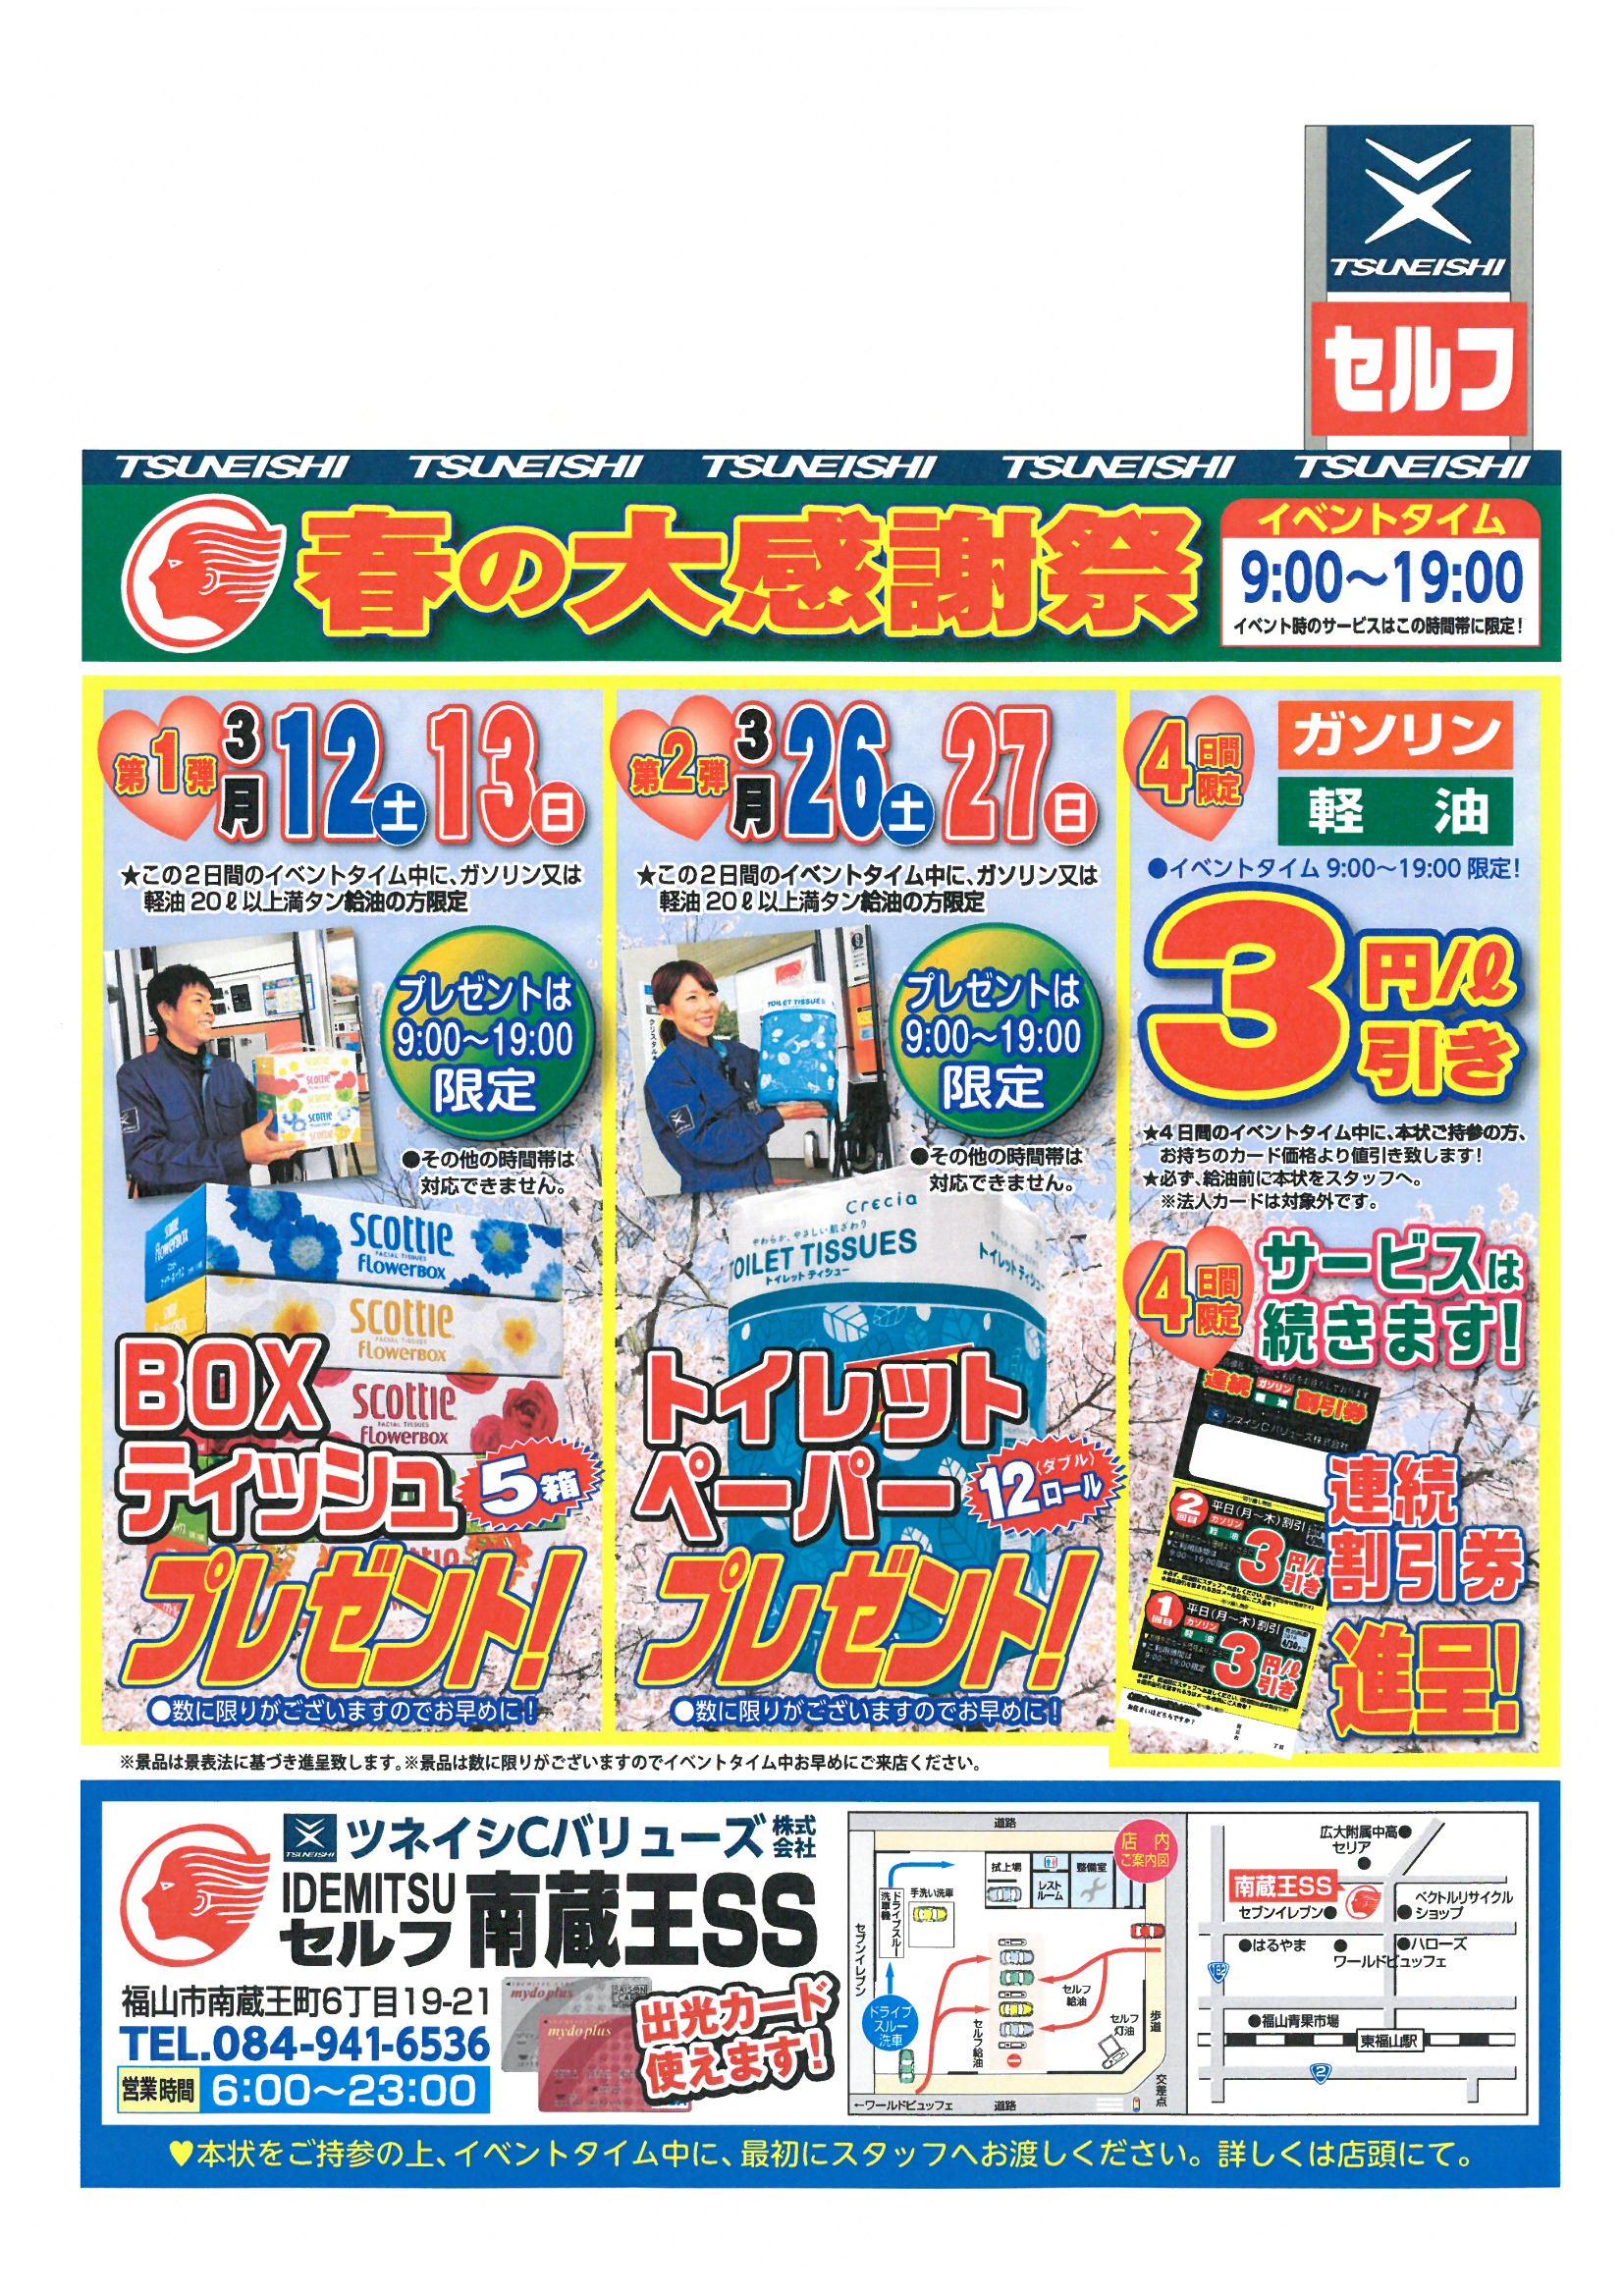 セルフSS限定「春の大感謝祭」開催!!【南蔵王SS】